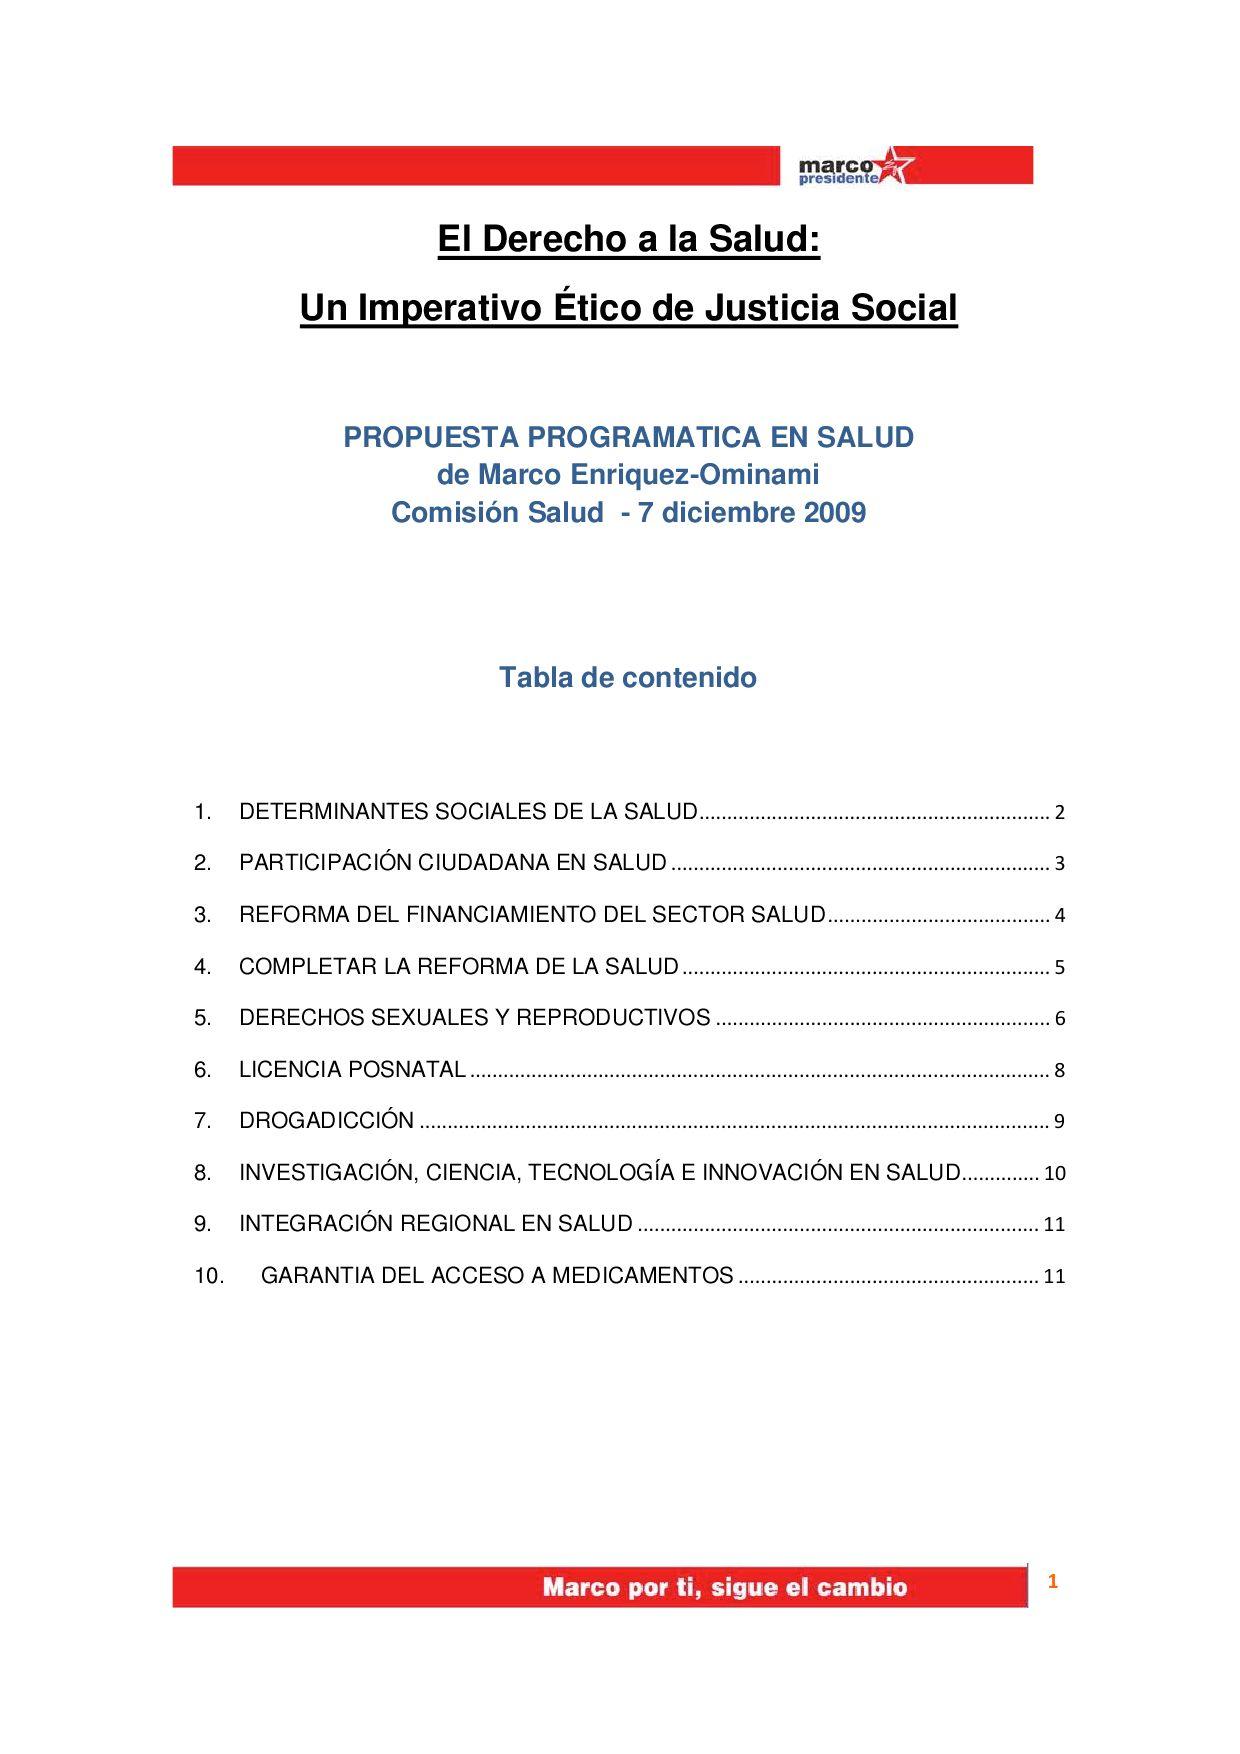 Resumen Propuesta de Salud by Marco Enríquez-Ominami - issuu